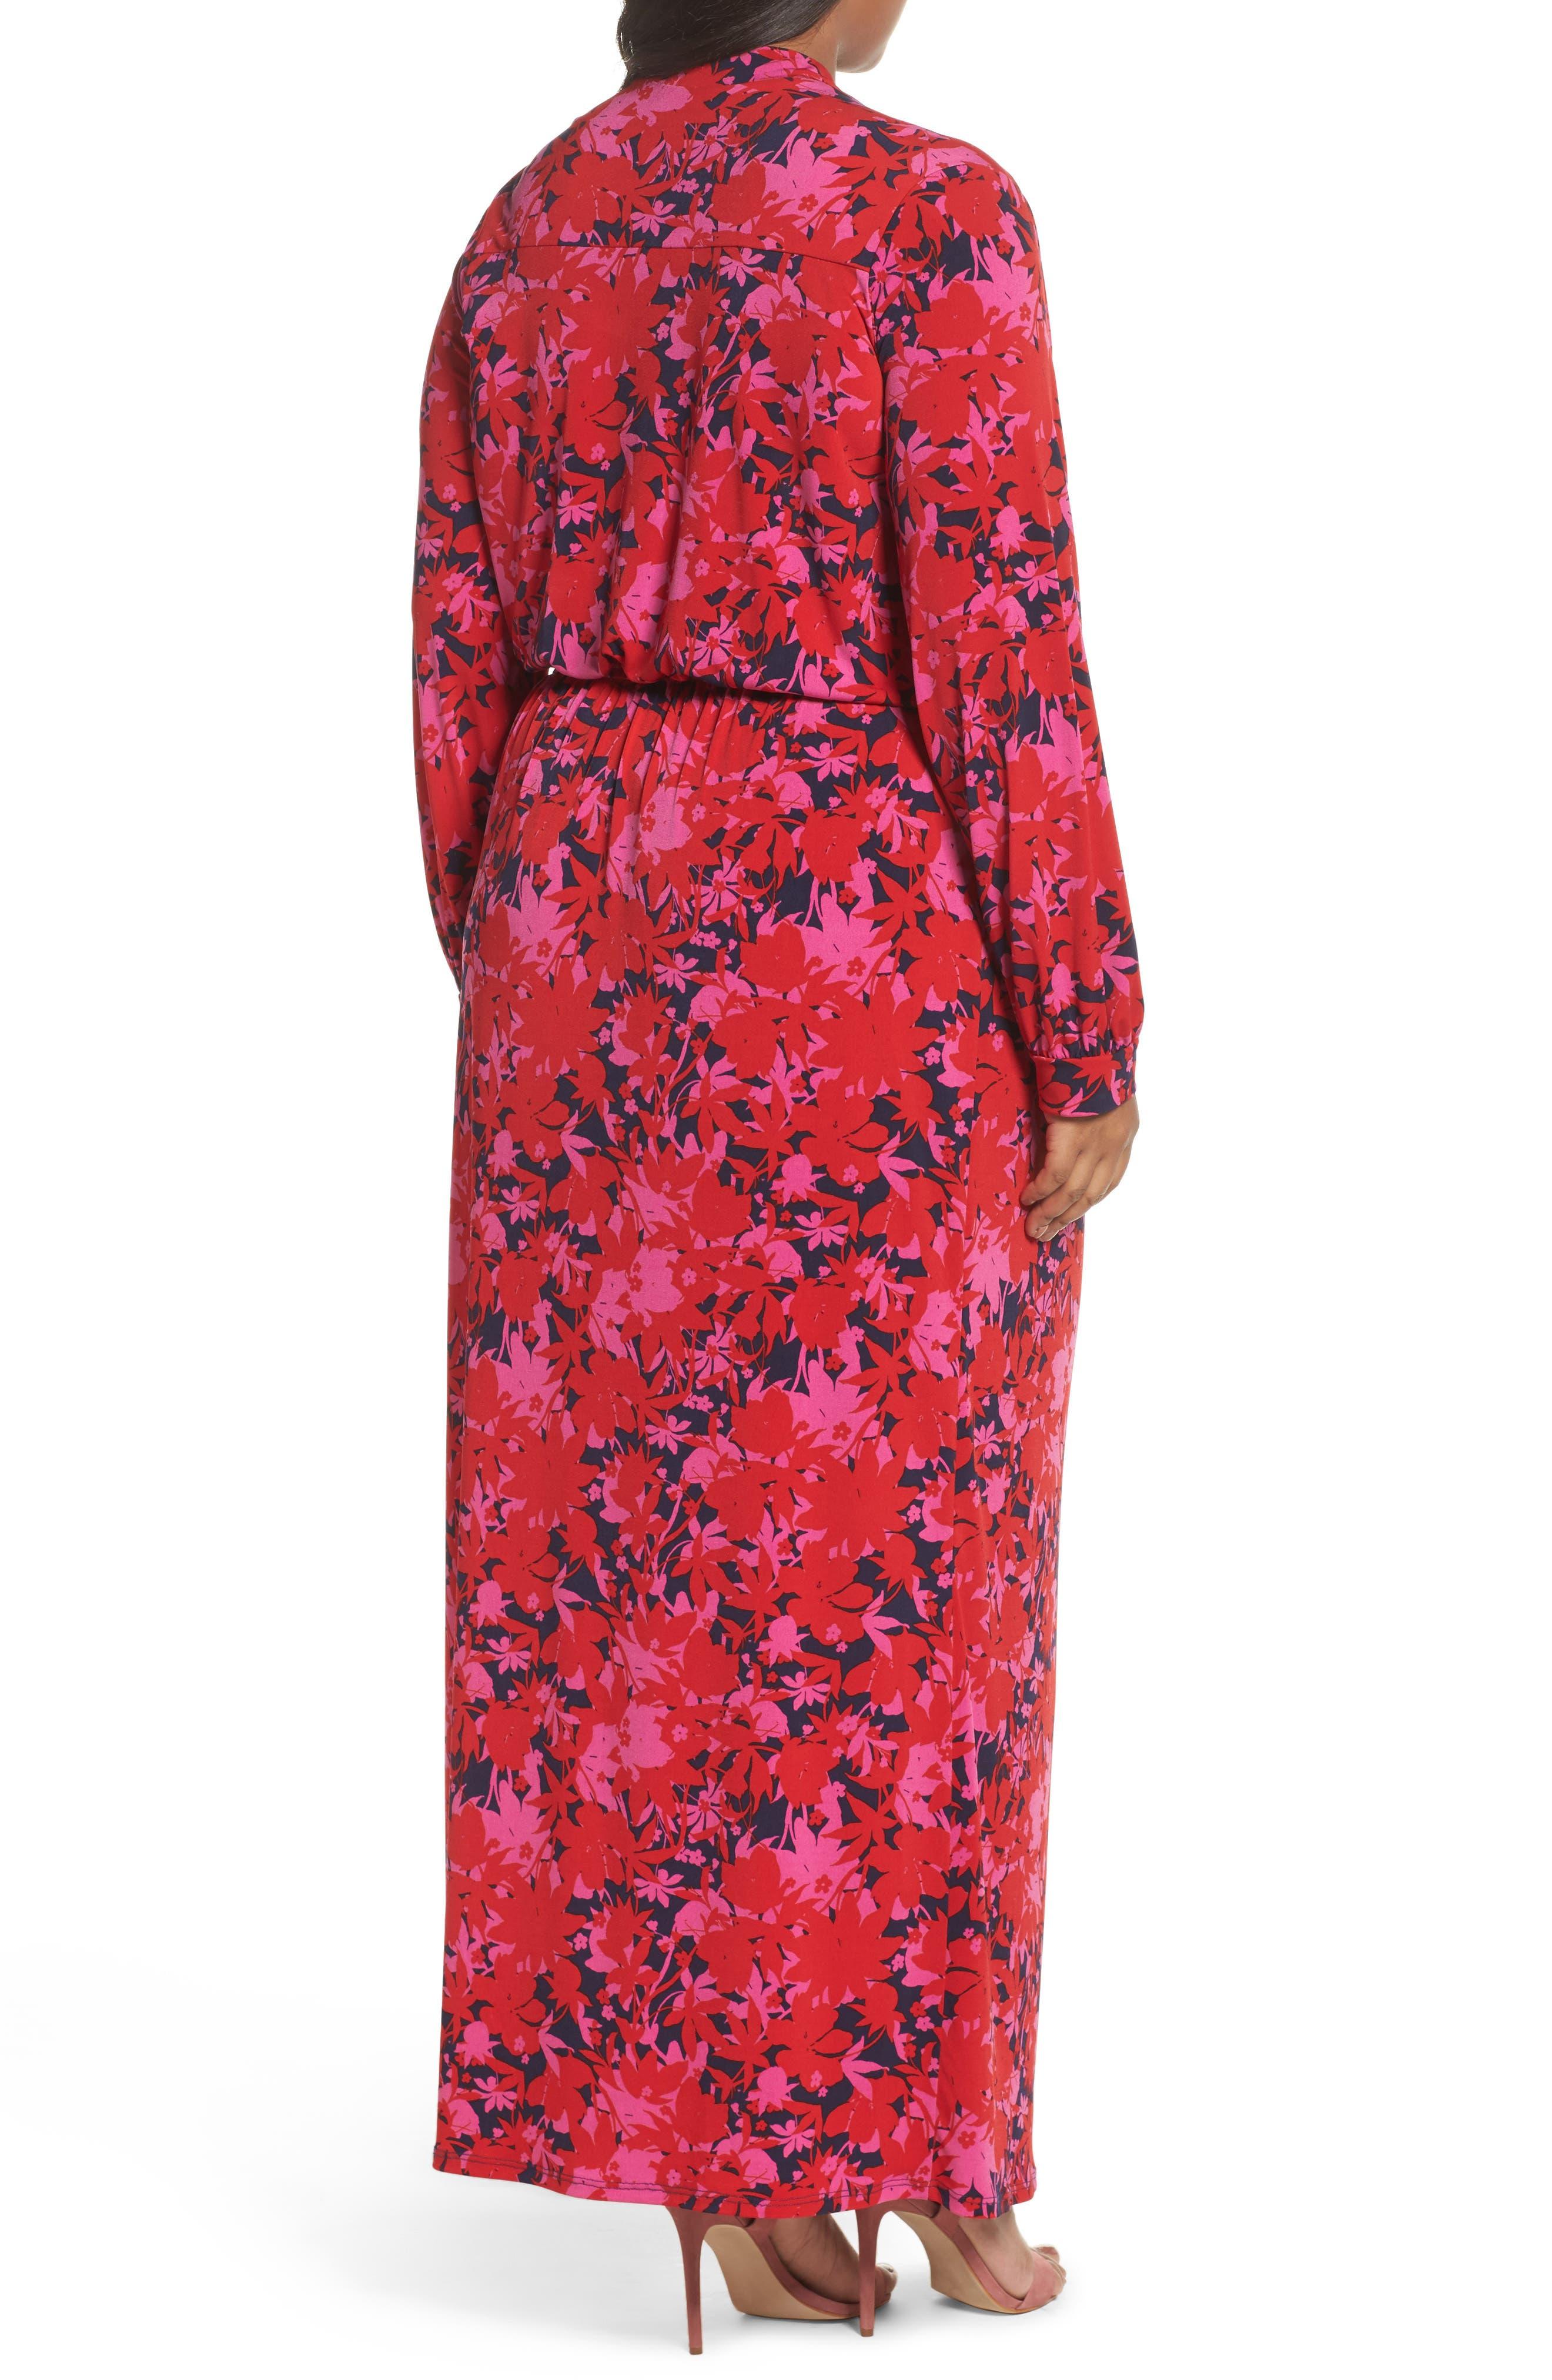 Alternate Image 2  - Leota Bridget Floral Faux Wrap Maxi Dress (Plus Size)